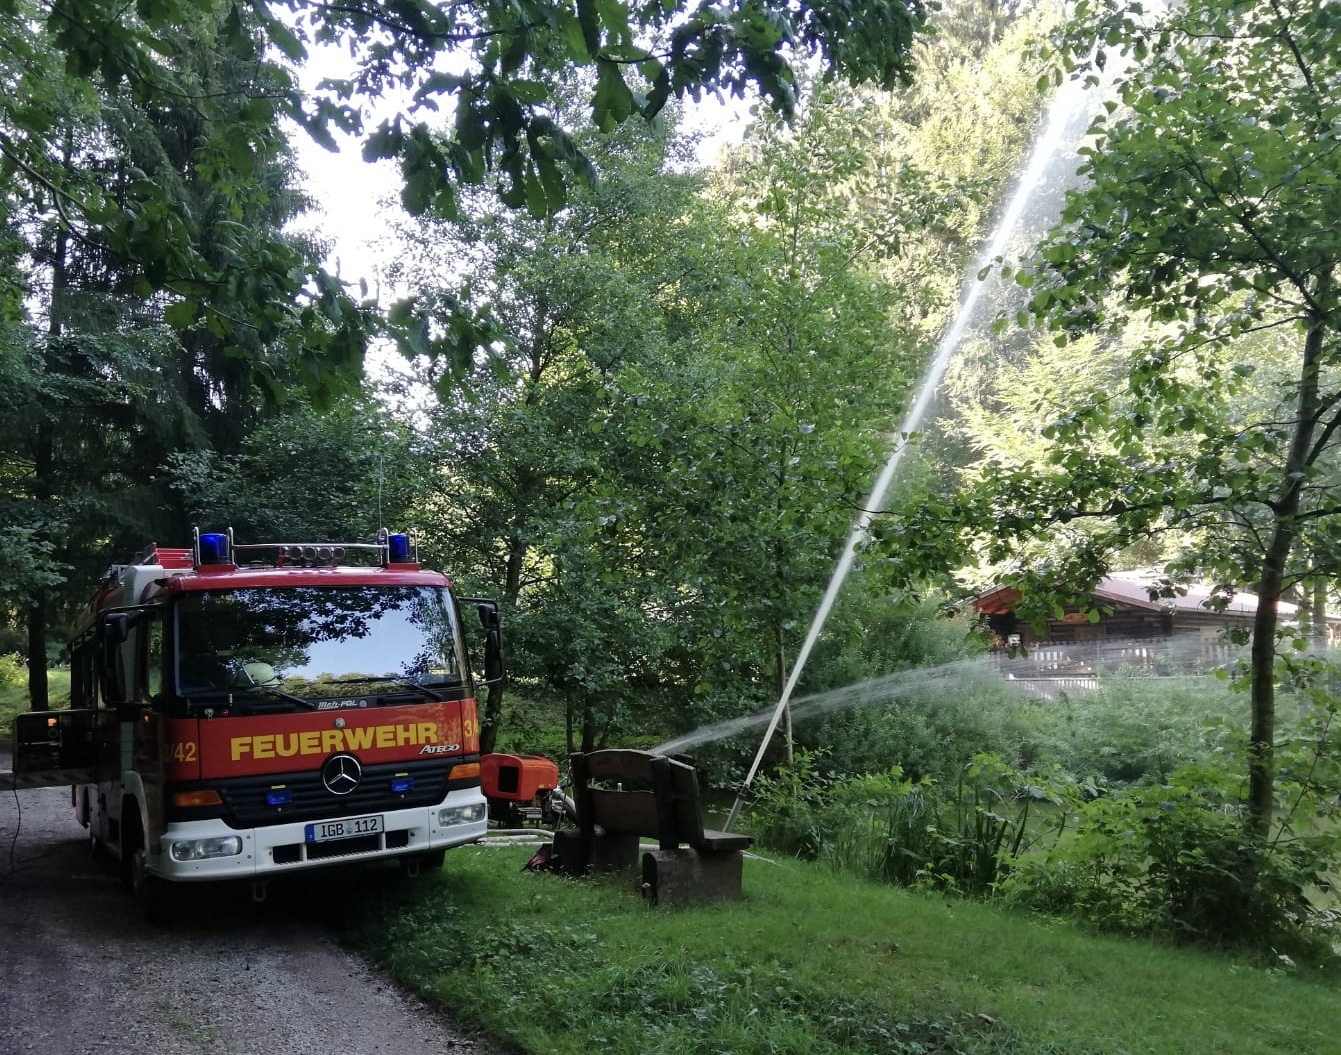 Feuerwehr St. Ingbert belüftet weitere Gewässer